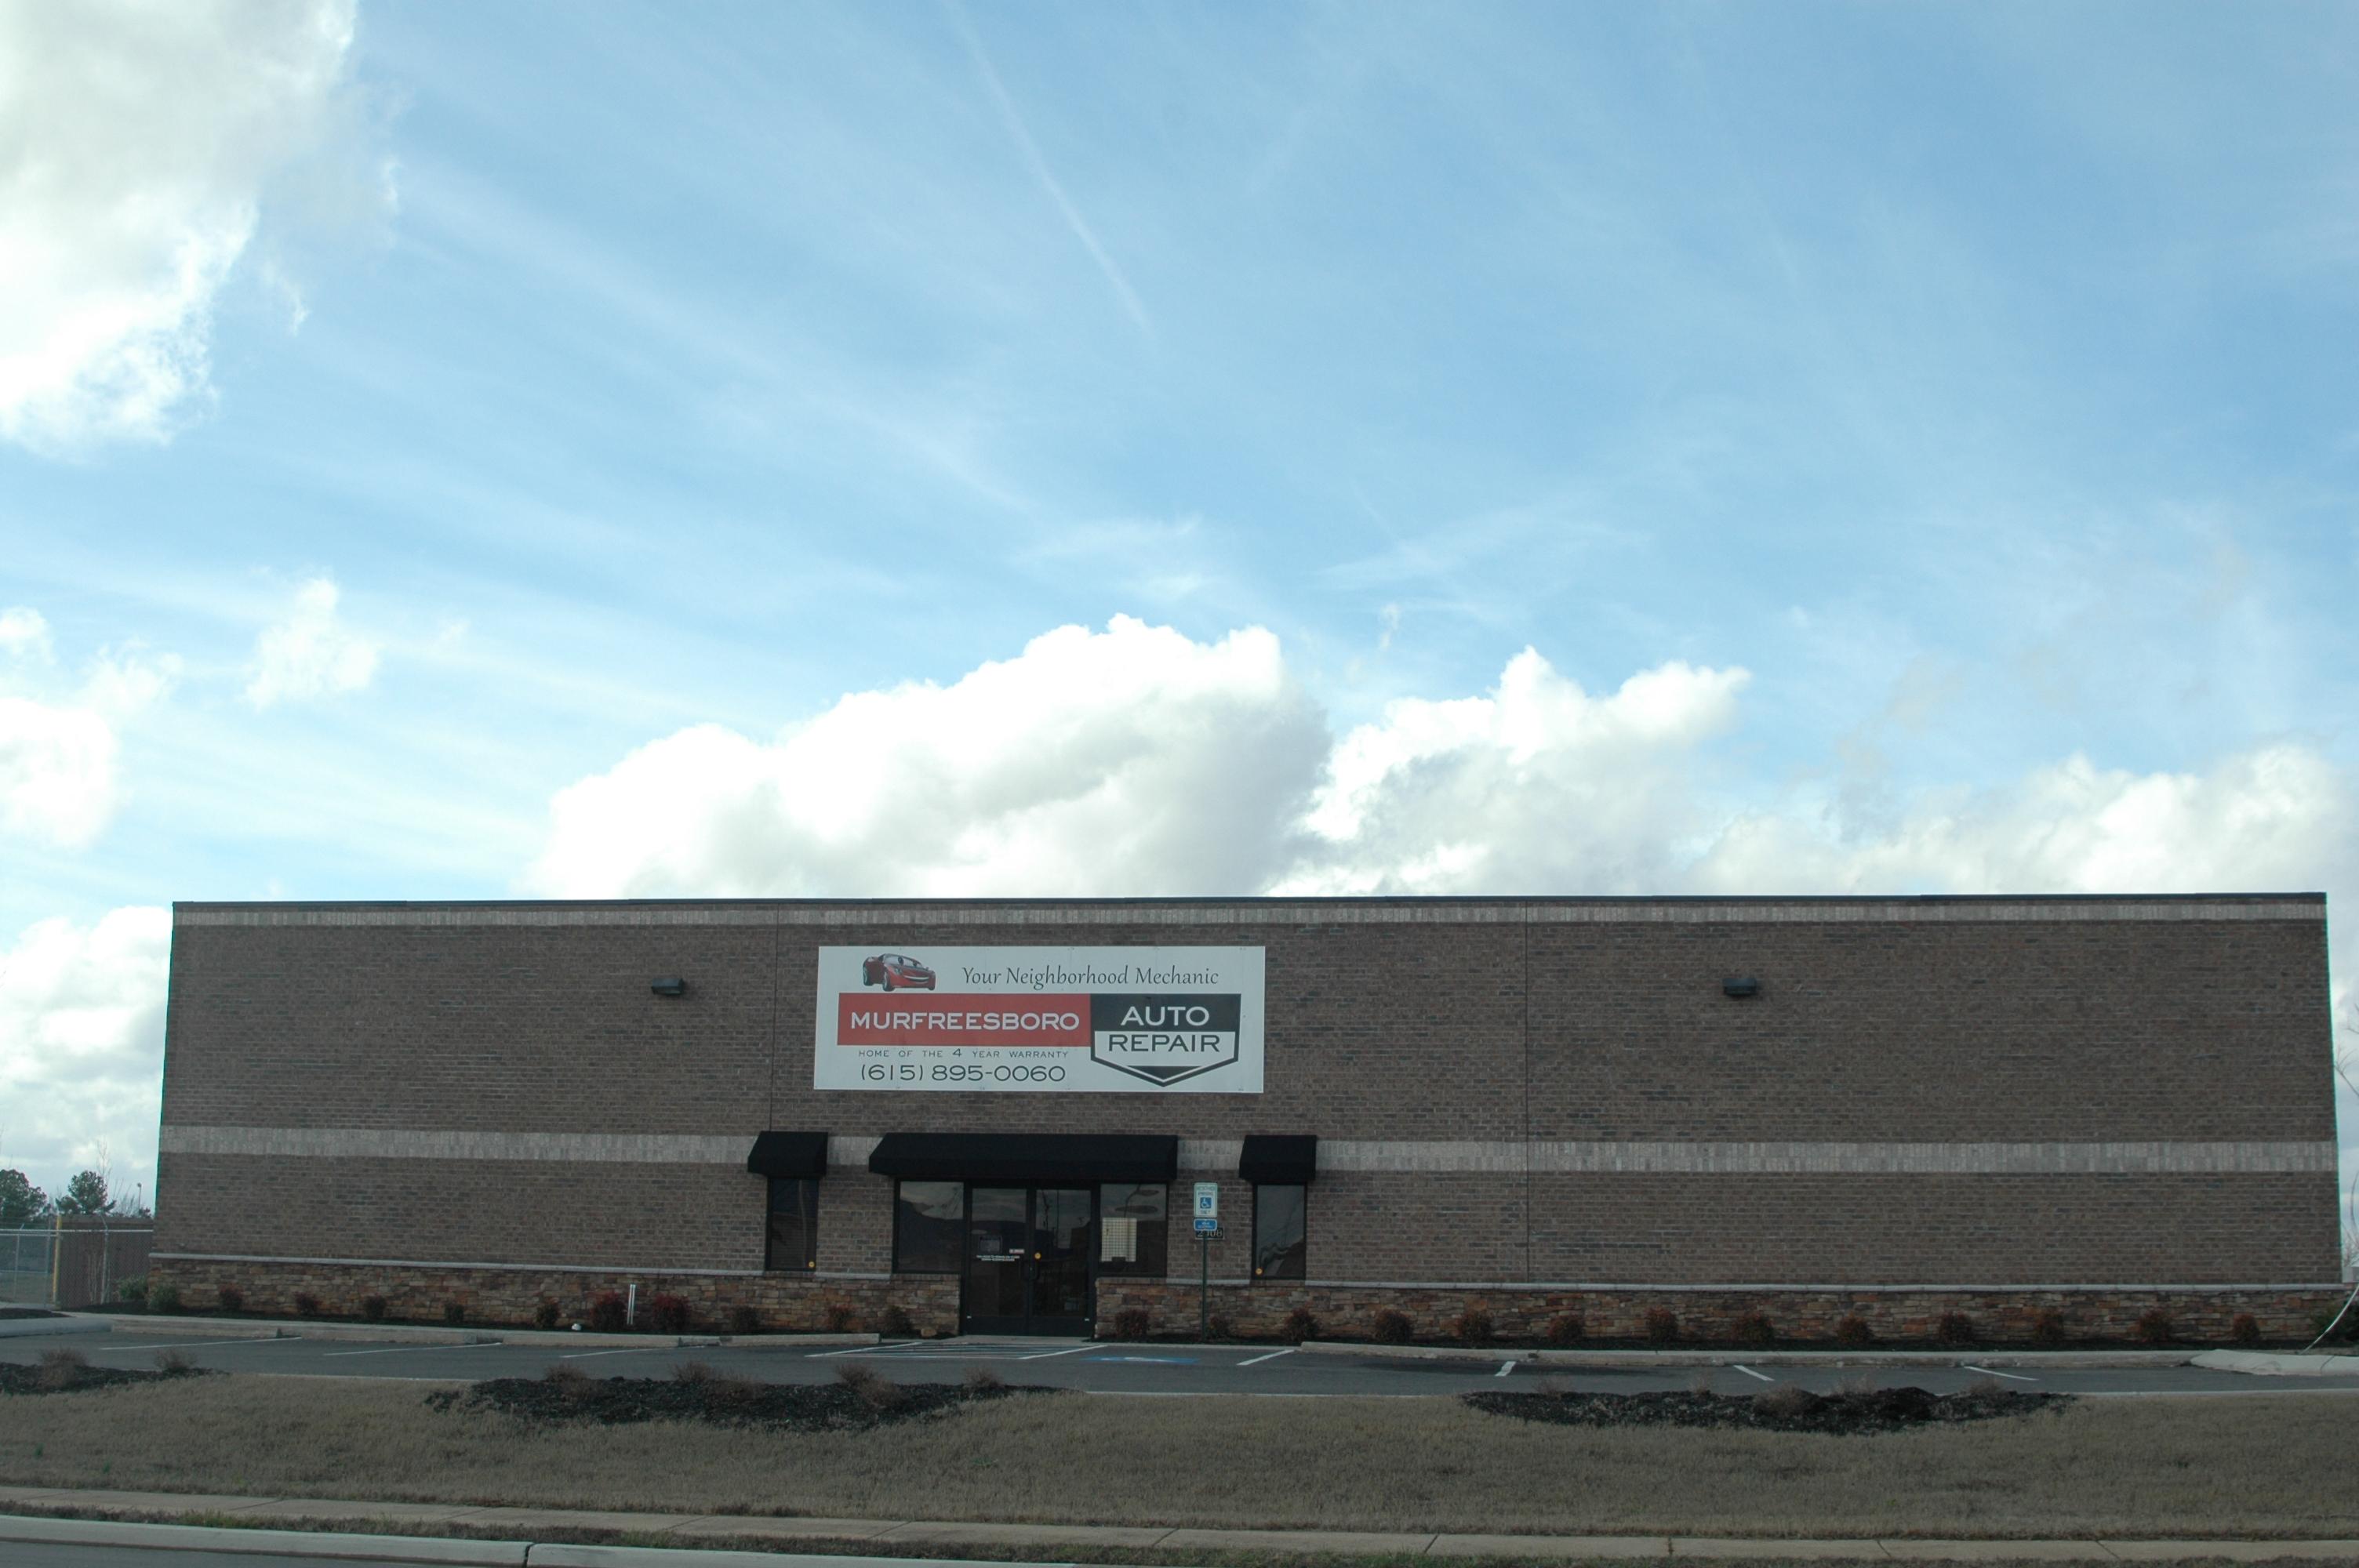 murfreesboro auto repair in murfreesboro tn 37130. Black Bedroom Furniture Sets. Home Design Ideas